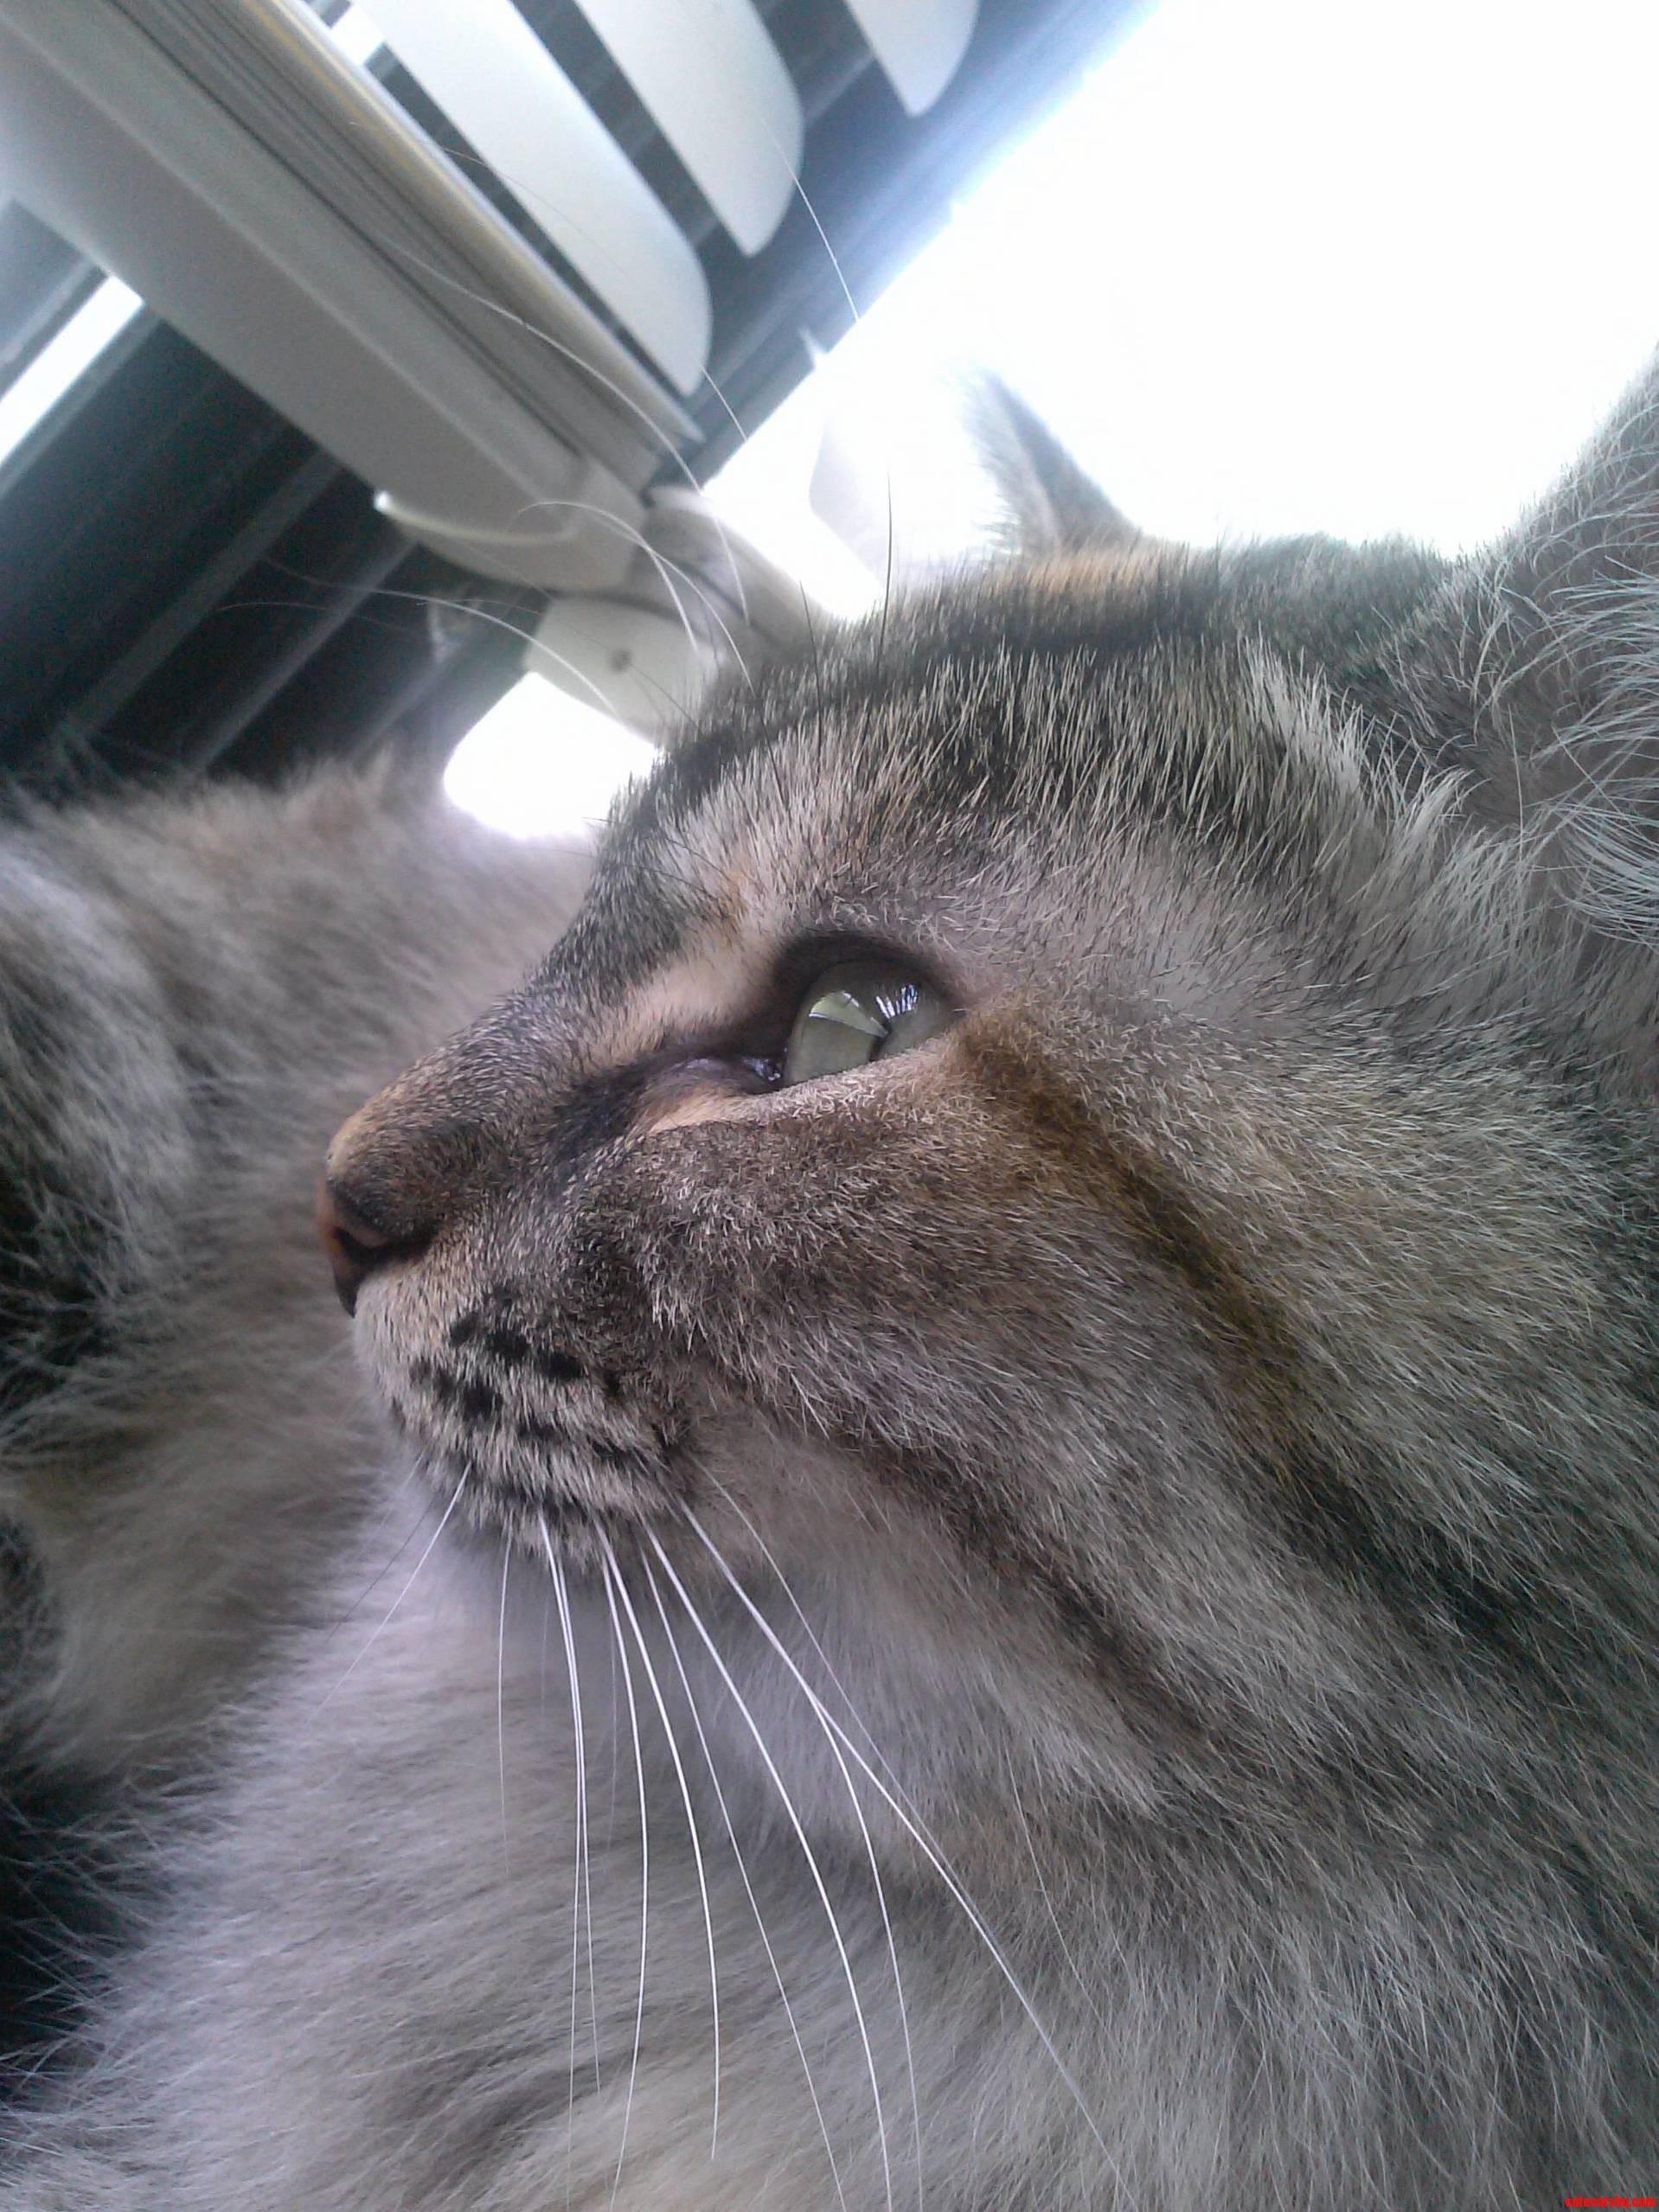 My cat Elvis